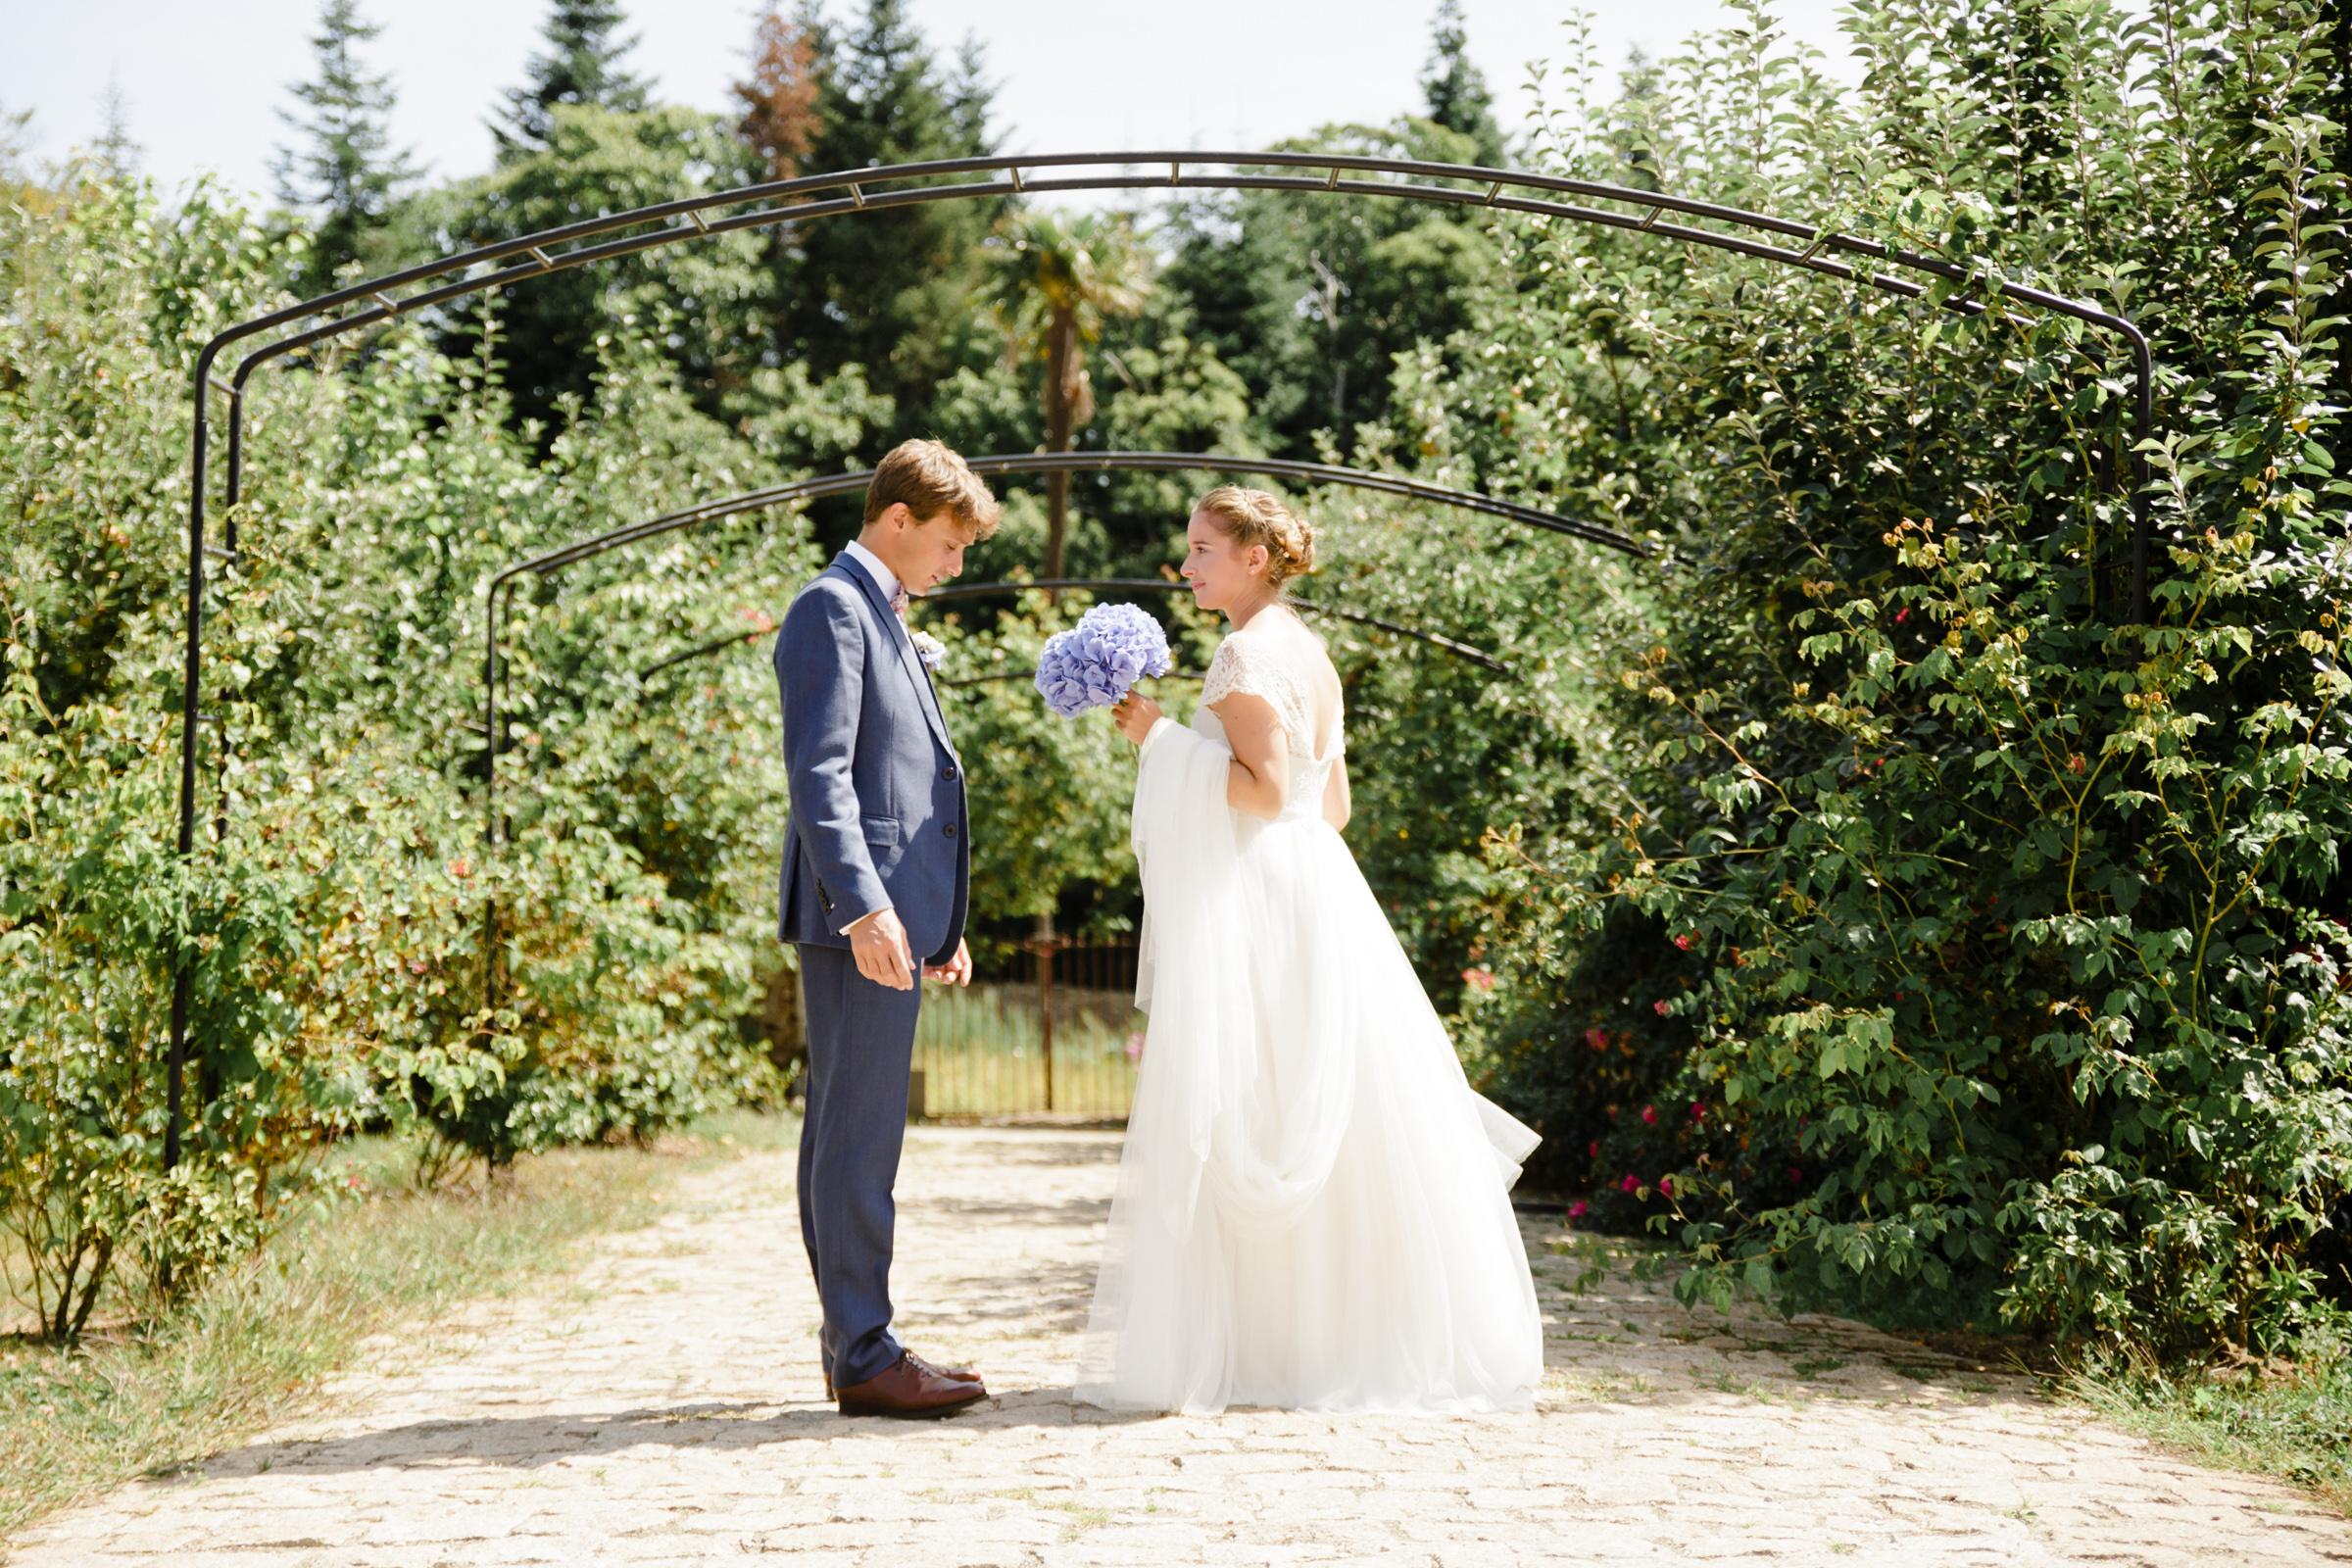 Photograhe-Mariage-Vannes-Bretagne-LV- Perrine et Bastien (31)